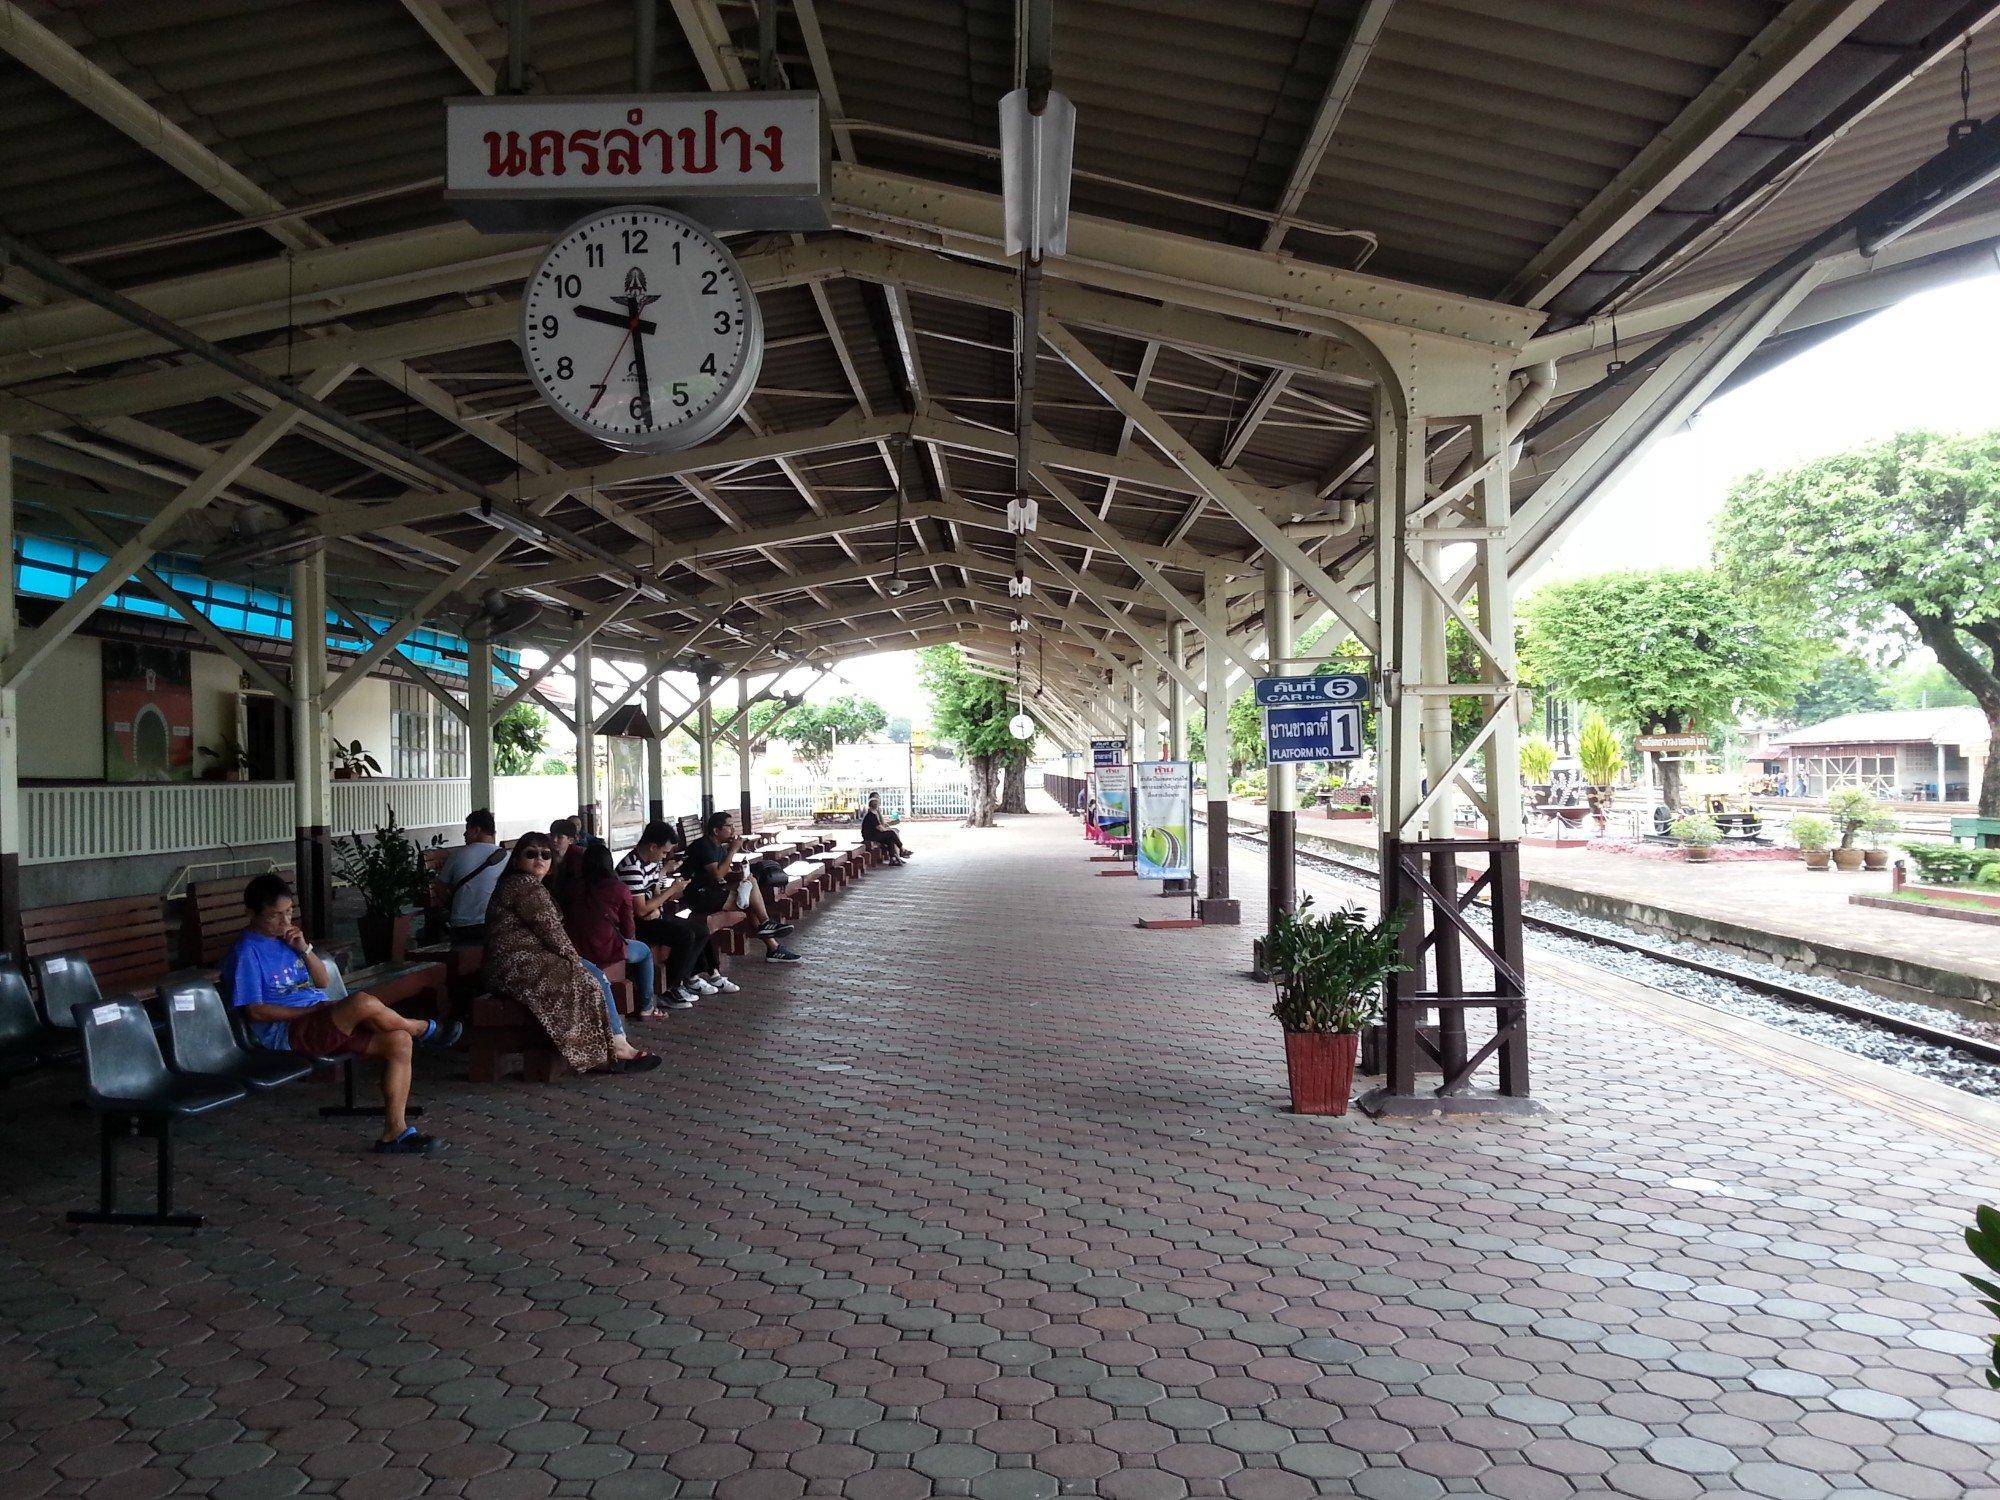 Platform 1 at Lampang Railway Station